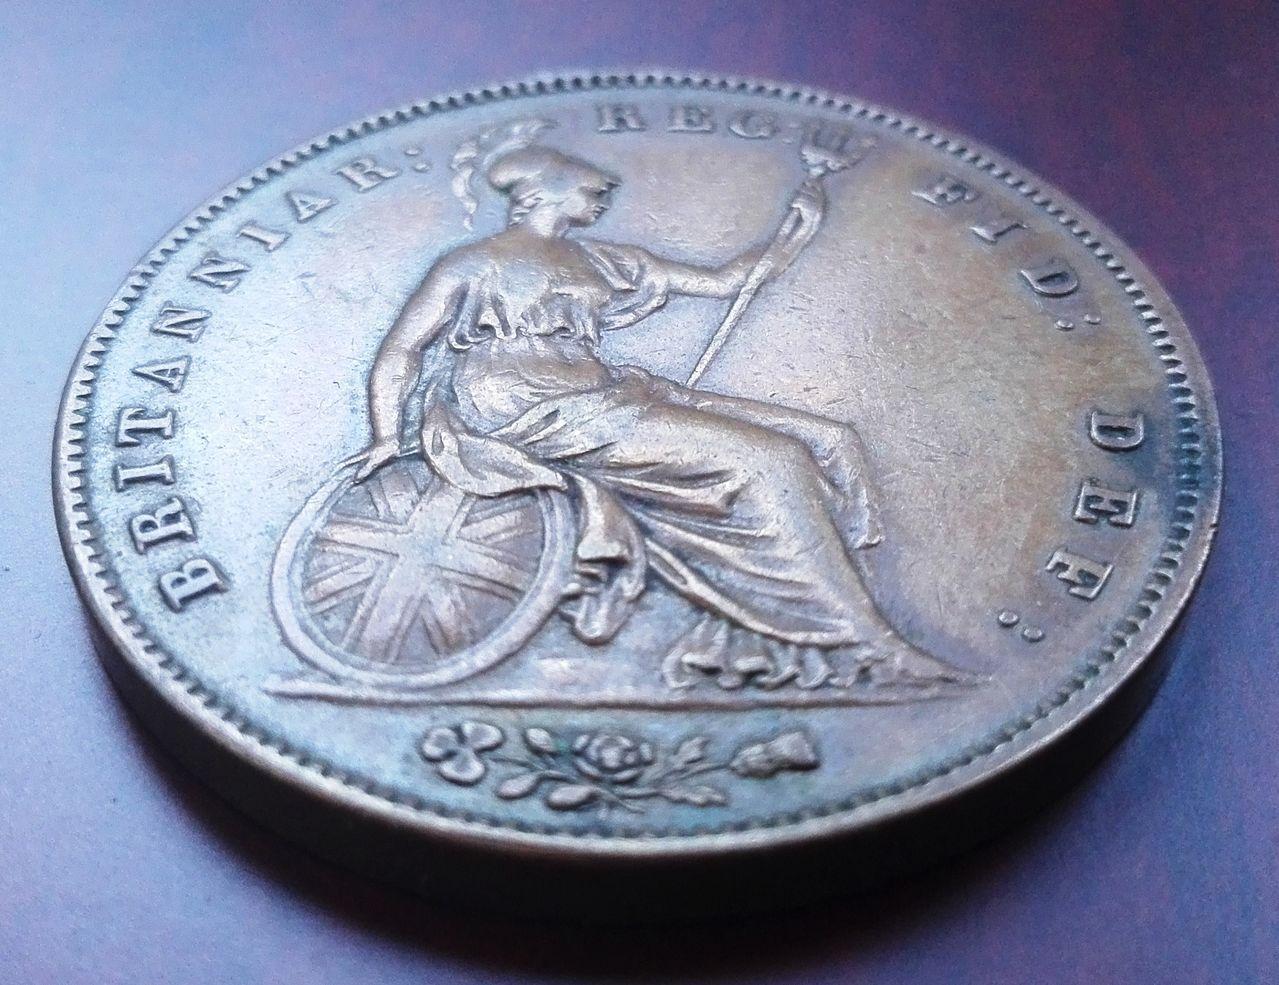 1 penique 1858, Gran Bretaña. Reina Victoria 1_penique_1858_rev_2